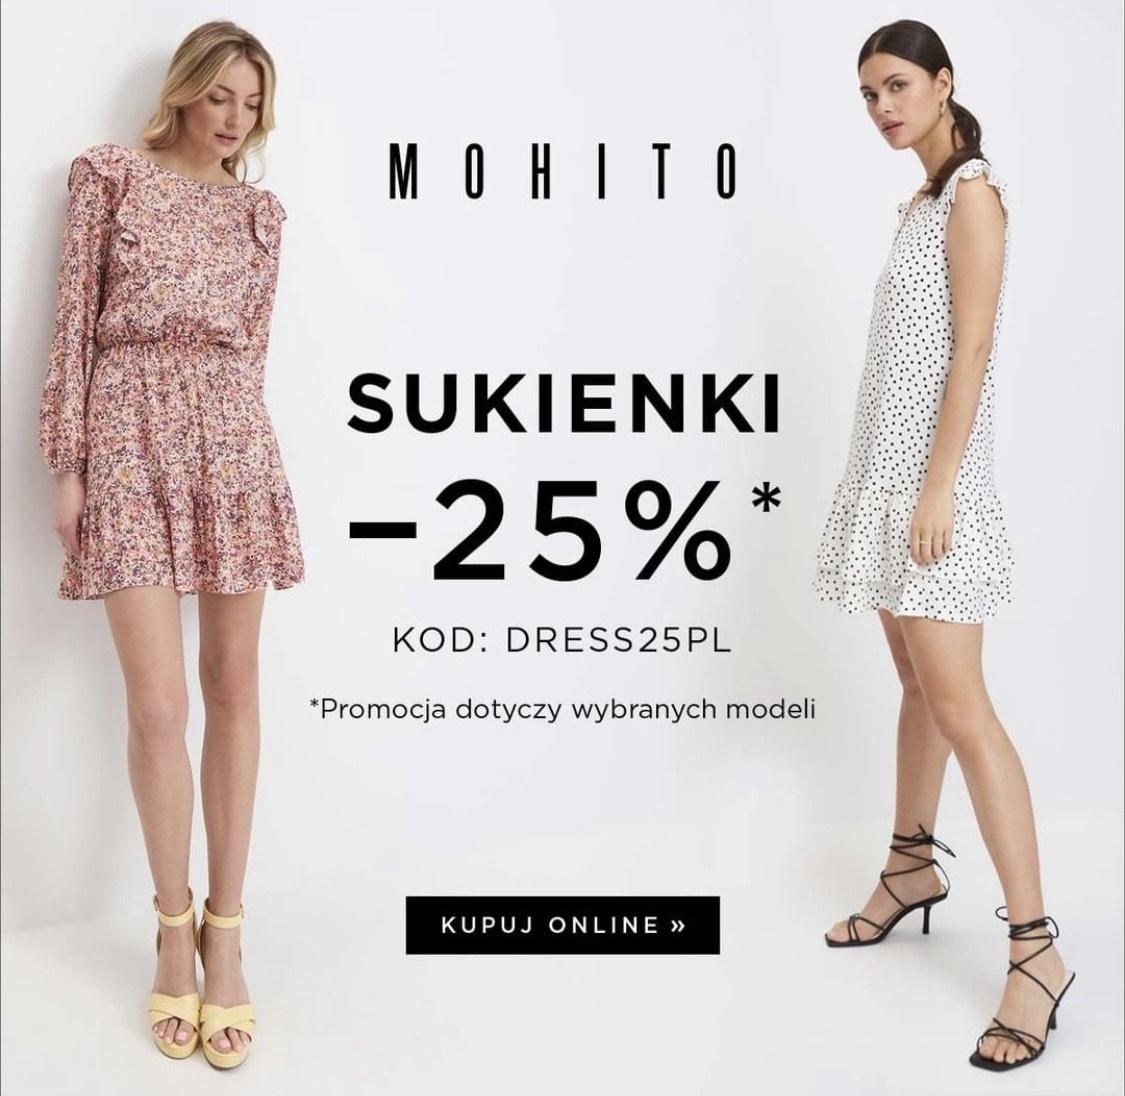 -25% na sukienki - promocja dotyczy wybranych modeli @Mohito